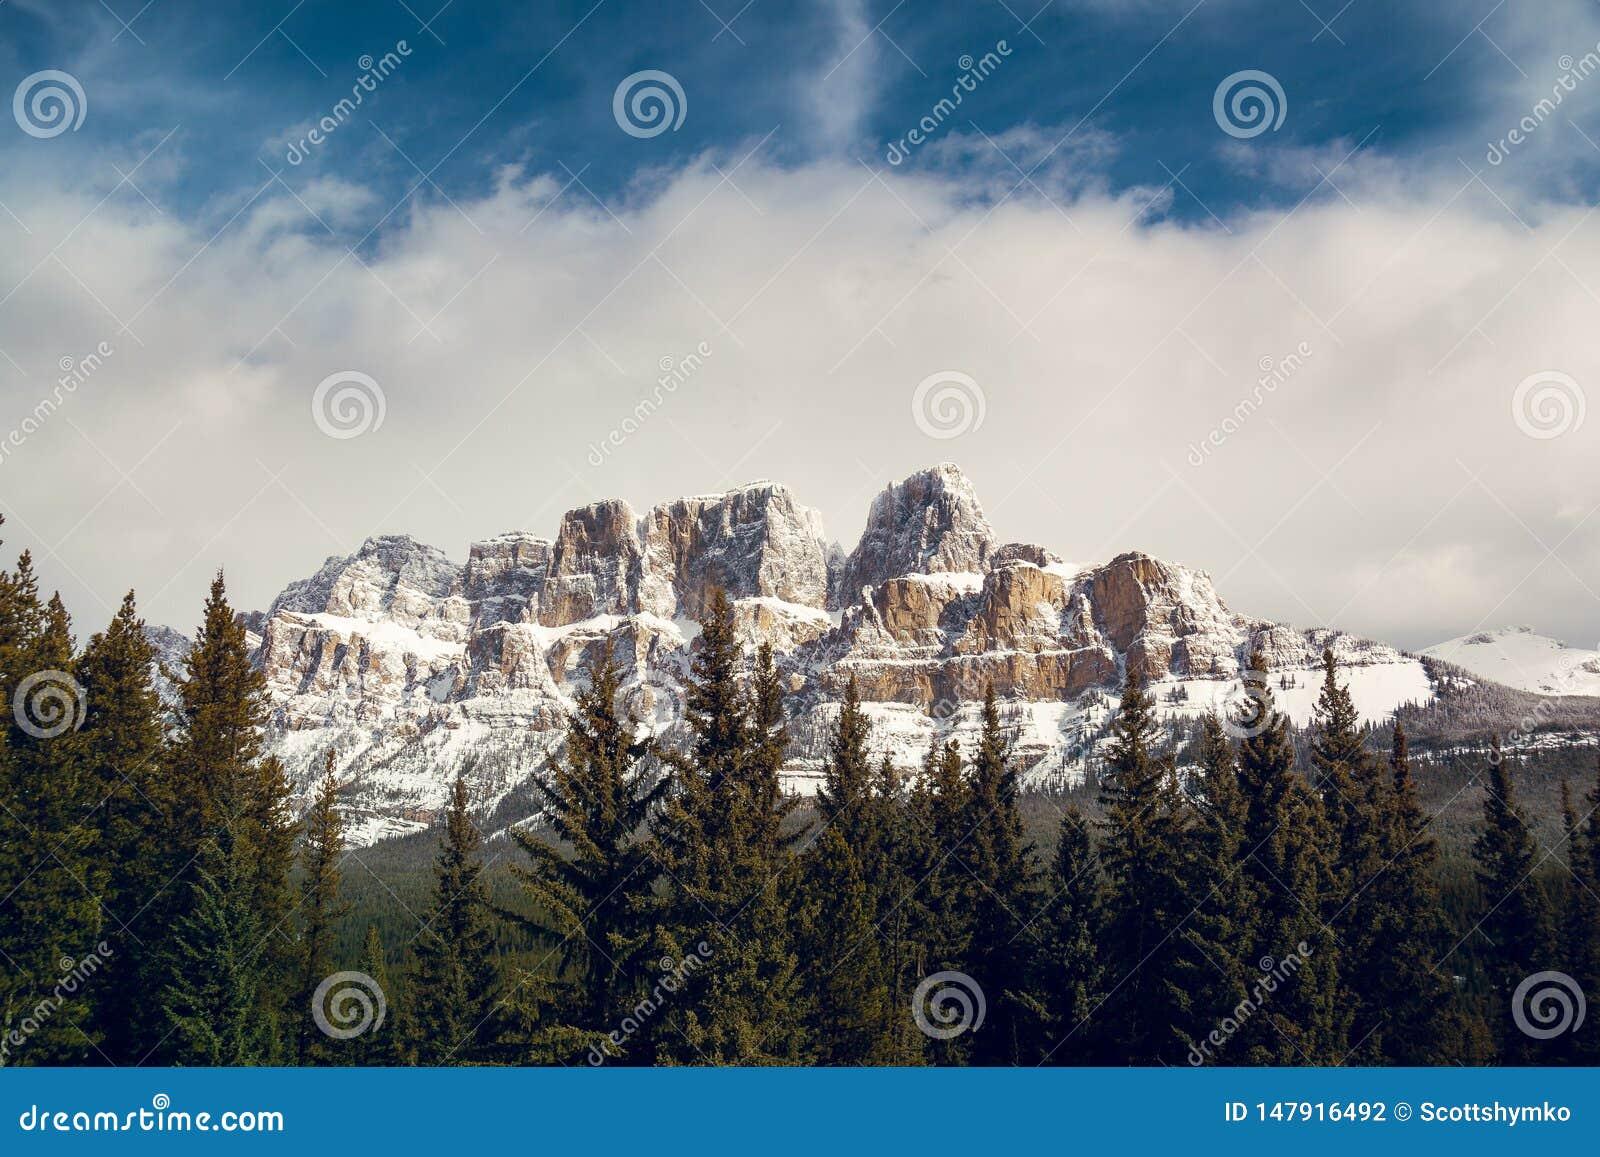 De Verbinding van de kasteelberg in het midden van de winter van Banff Alberta